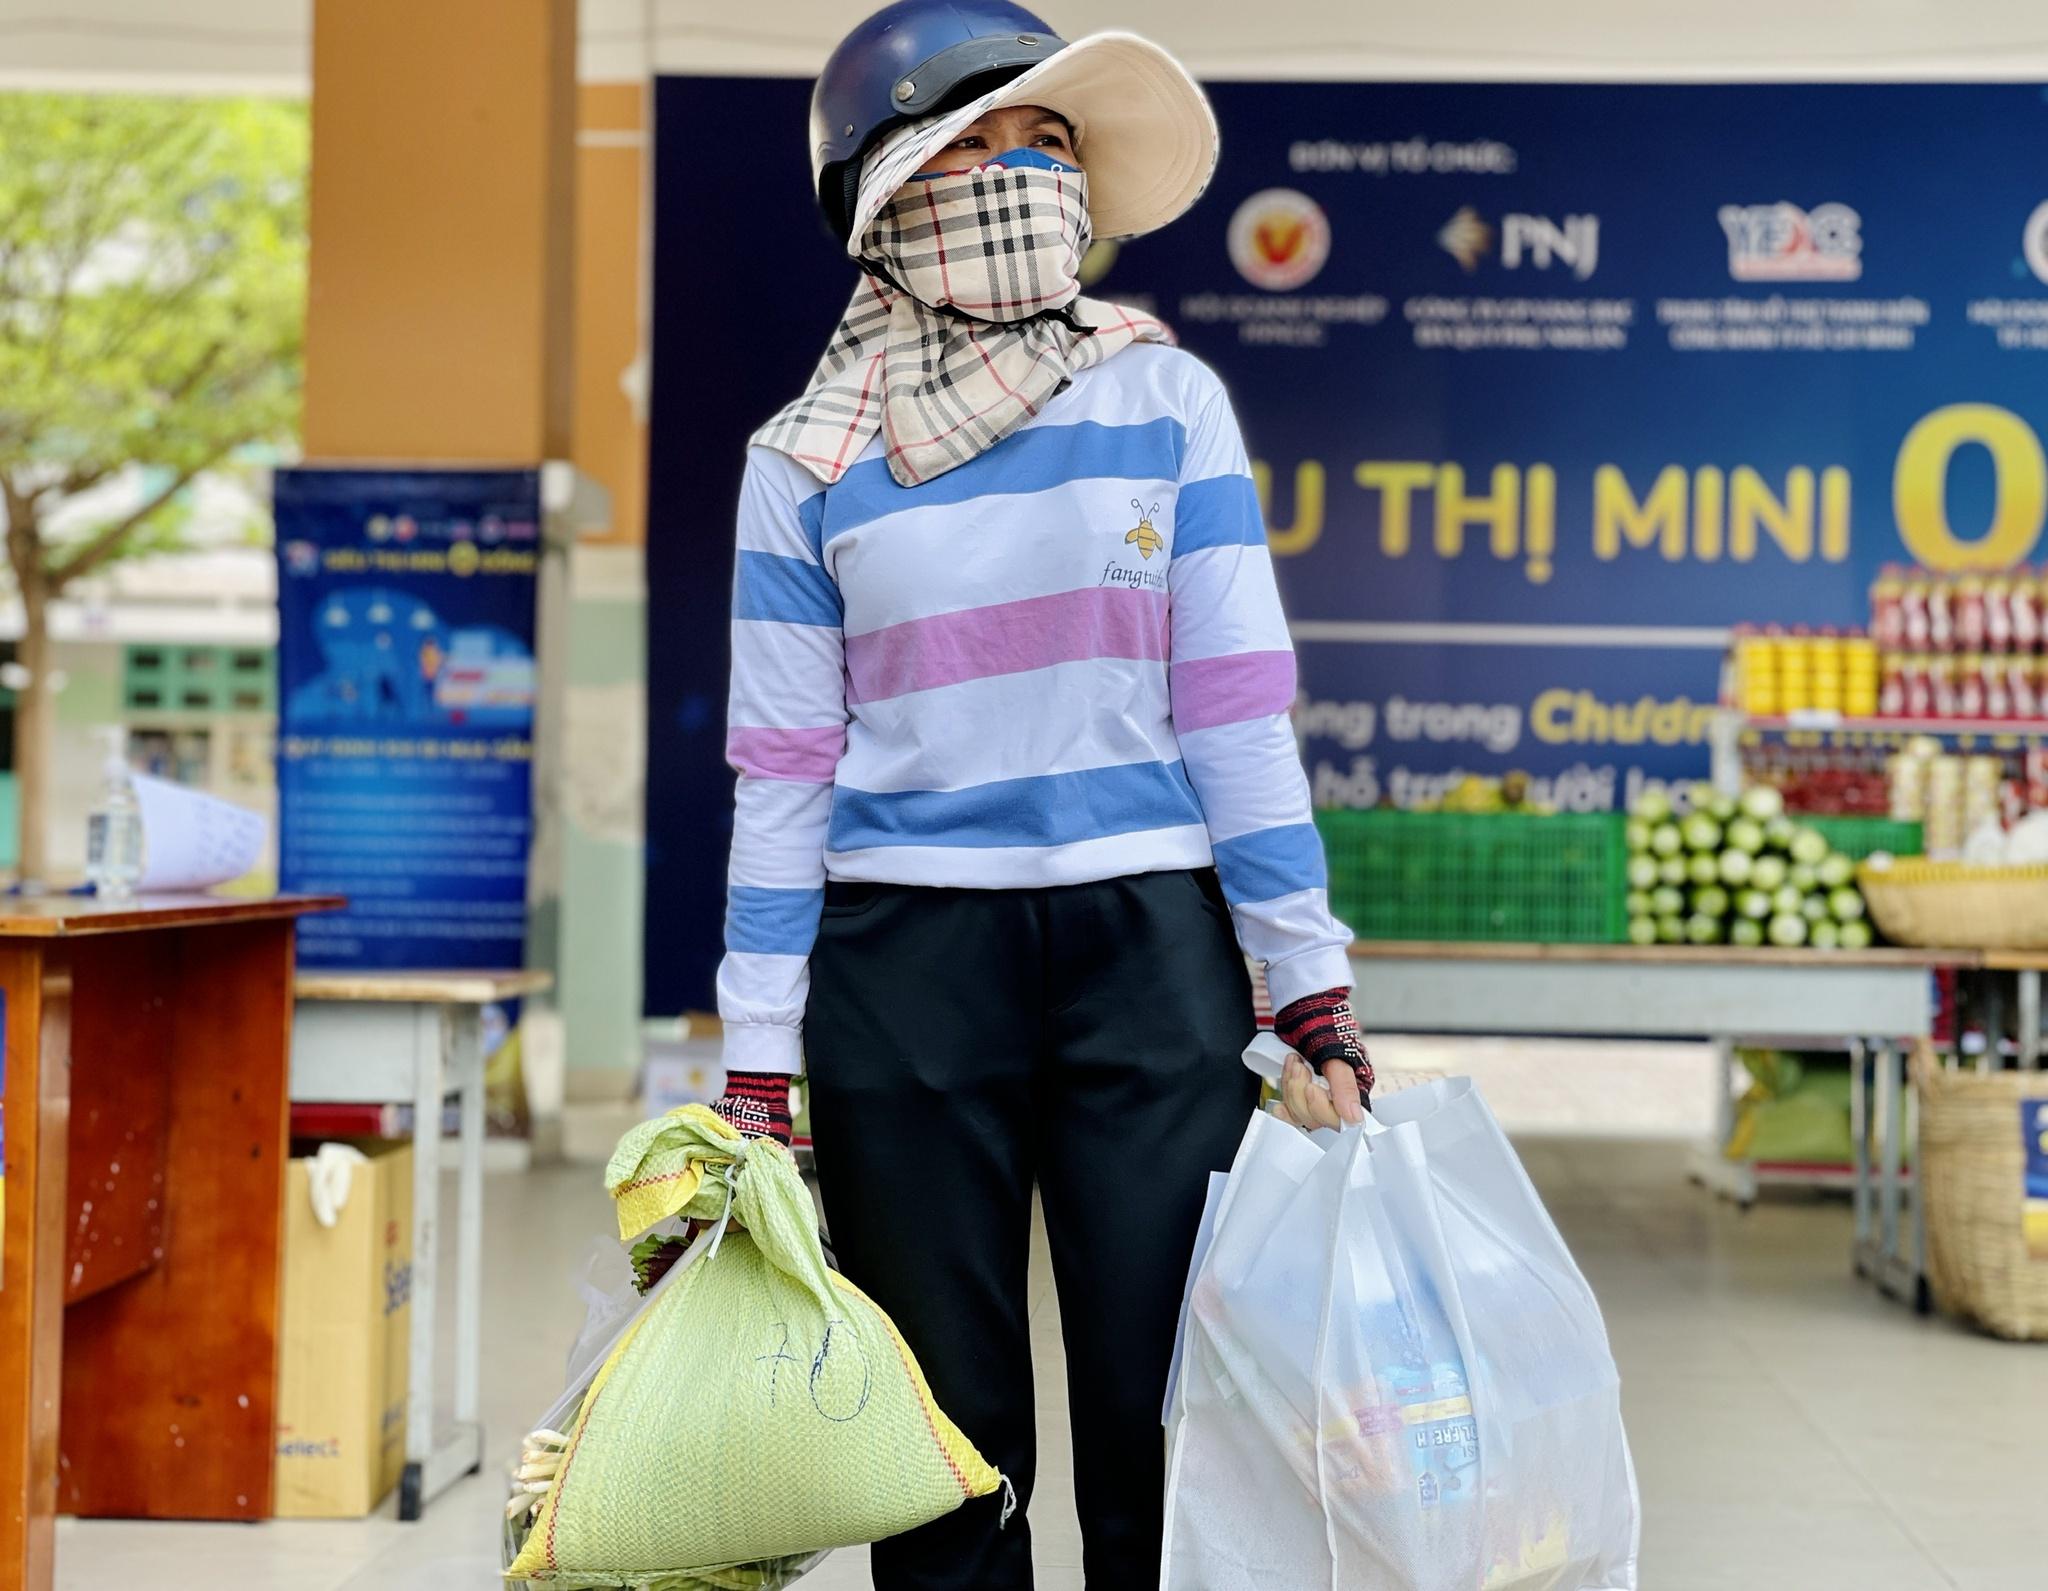 Giữa dịch Covid-19: Người Sài Gòn bật khóc ở siêu thị 0 đồng khi được mua đến 400.000 đồng - ảnh 8